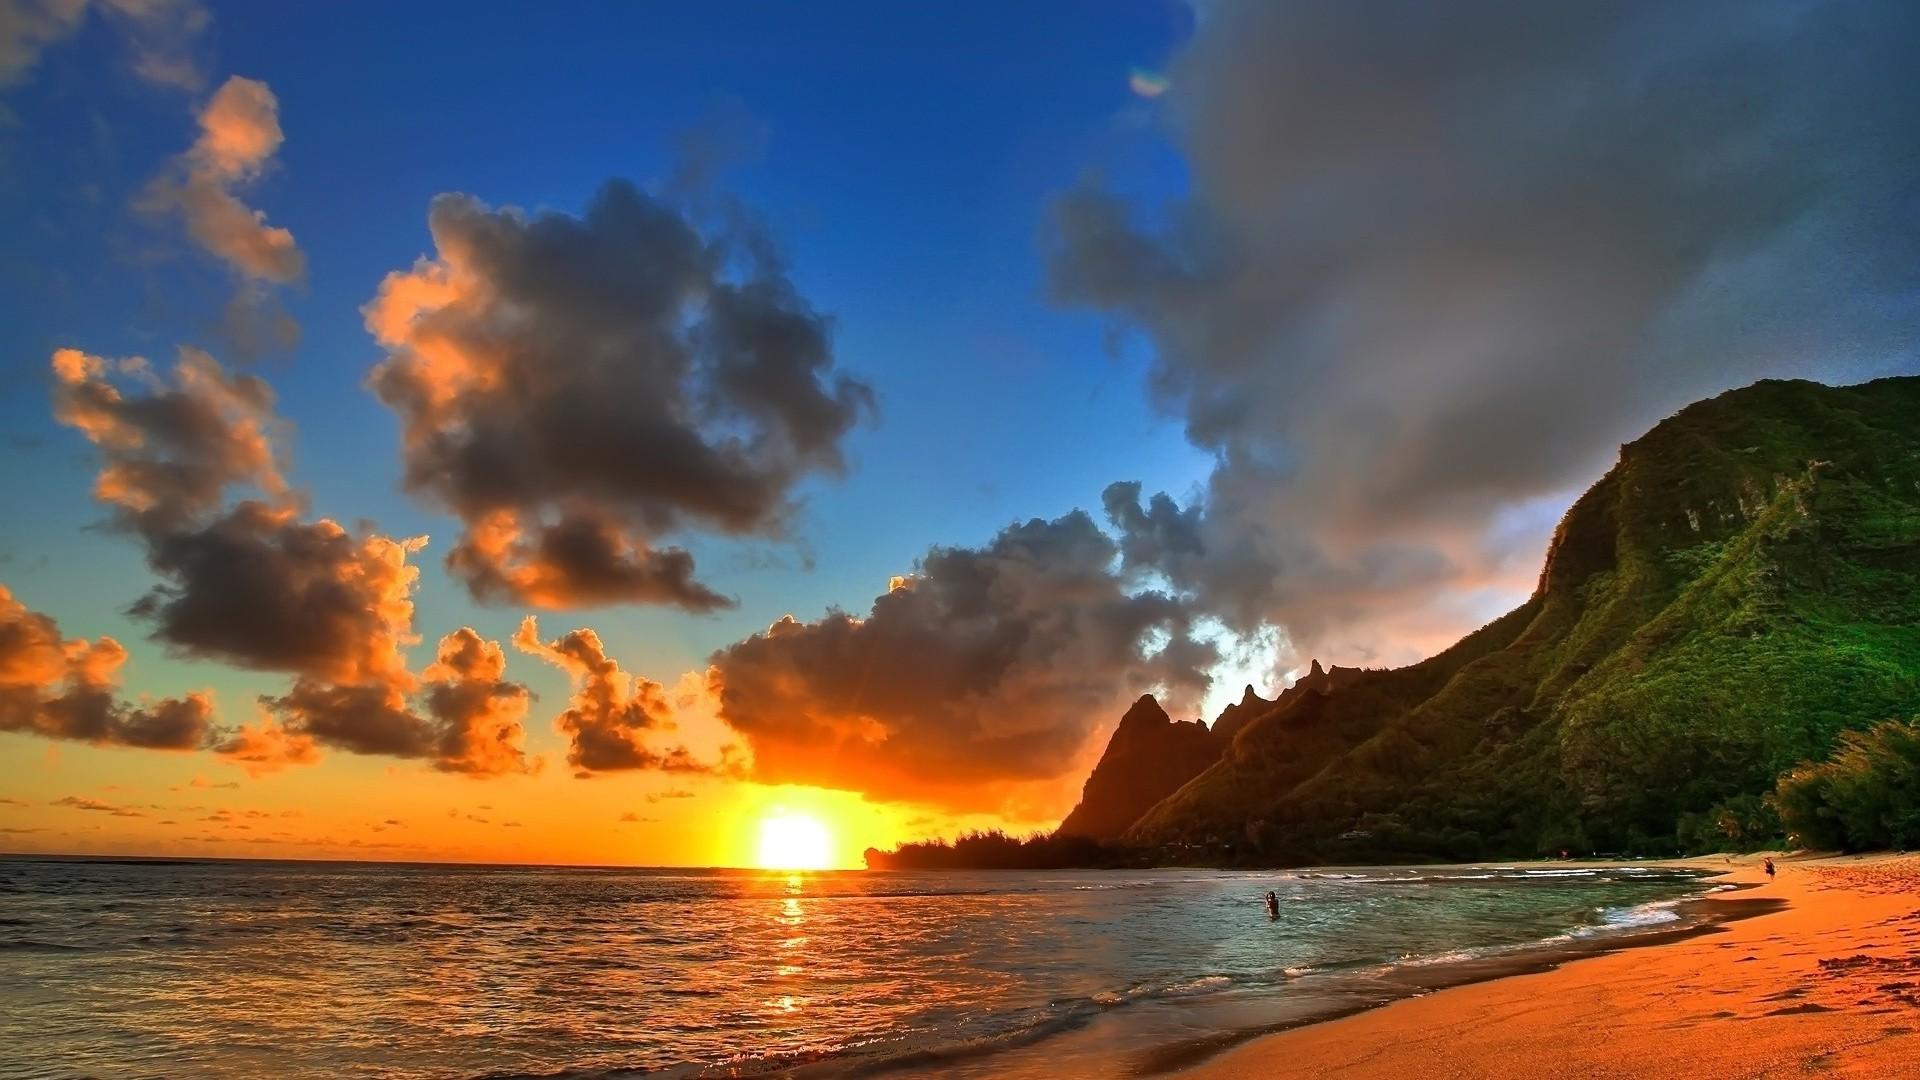 Beach Sunset Wallpaper HD #15537 Wallpaper | WallpaperLepi